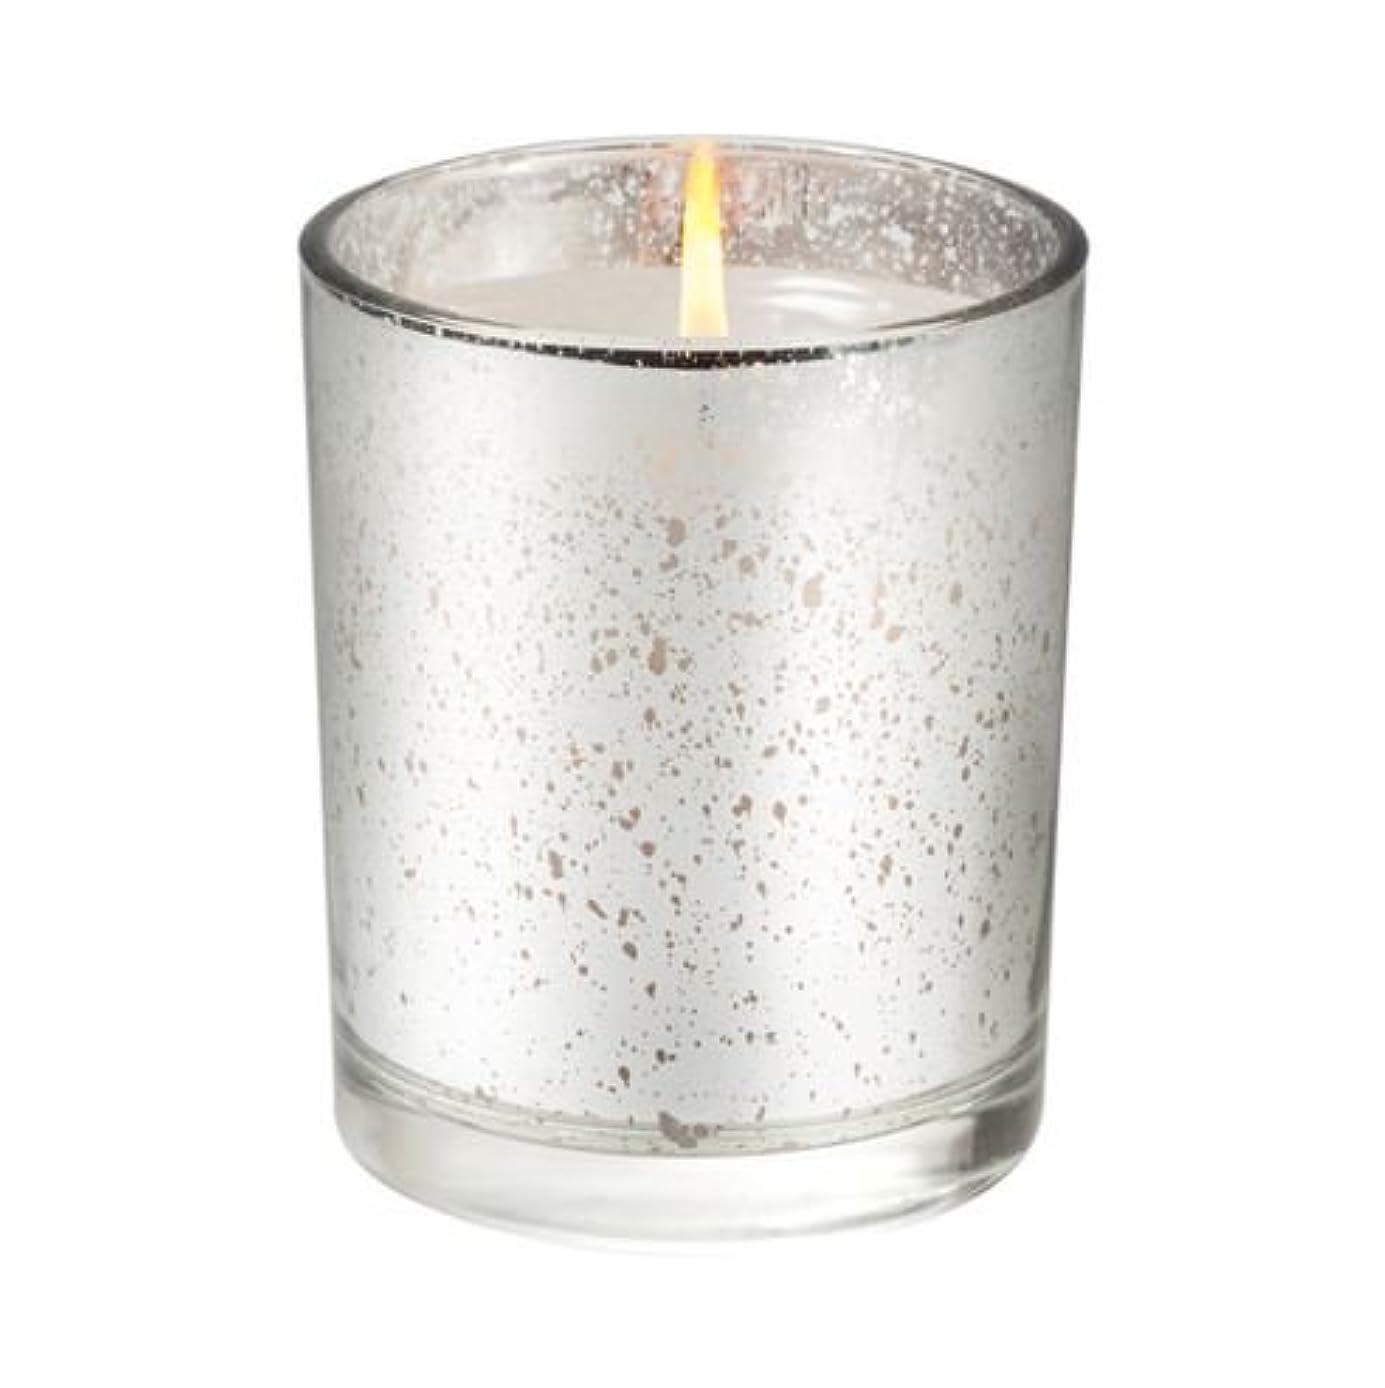 納税者試す実用的Smell of Spring 370ml (354g) Metallic Candle